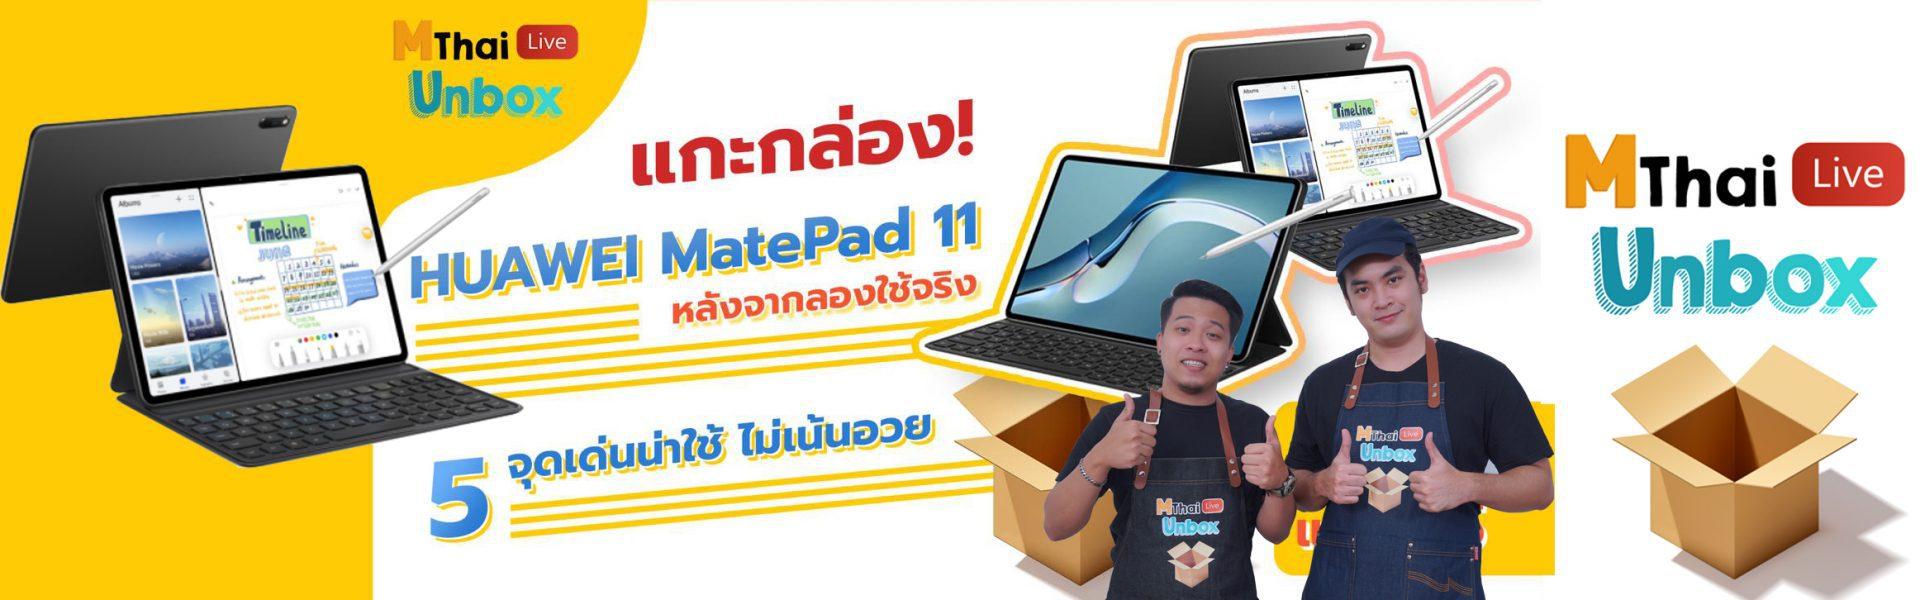 รีวิว HUAWEI MatePad 11 5 จุดเด่นน่าใช้ ไม่เน้นอวย!